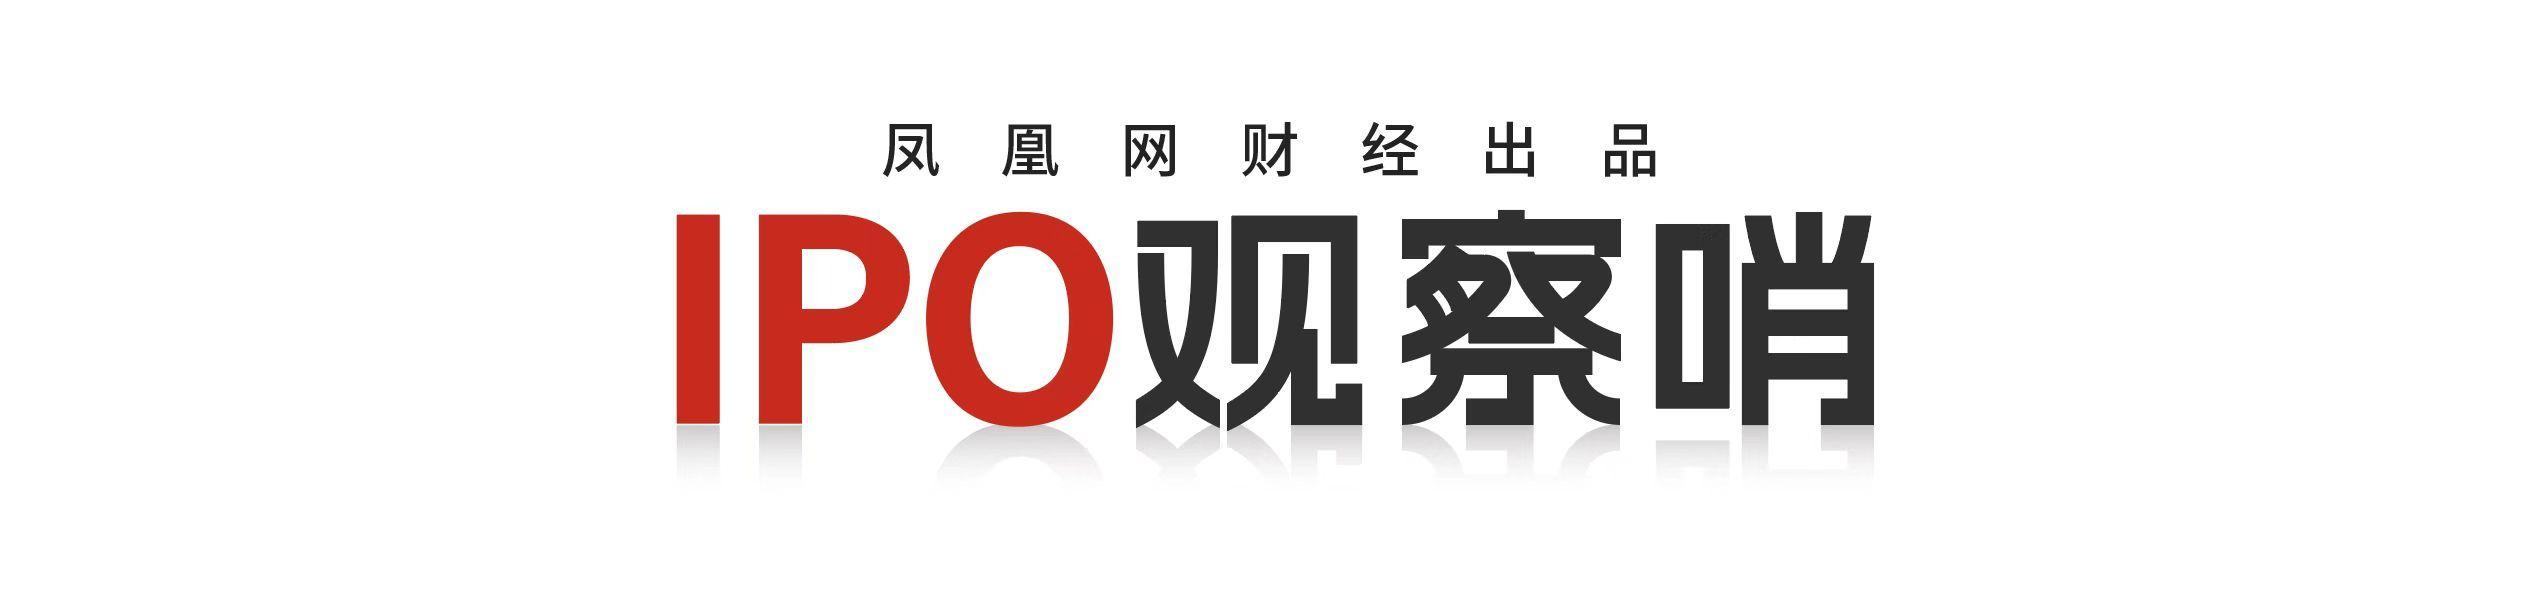 IPO观察哨|DR钻戒母公司冲刺IPO:高价质不优 因质量问题被用户投诉150多次